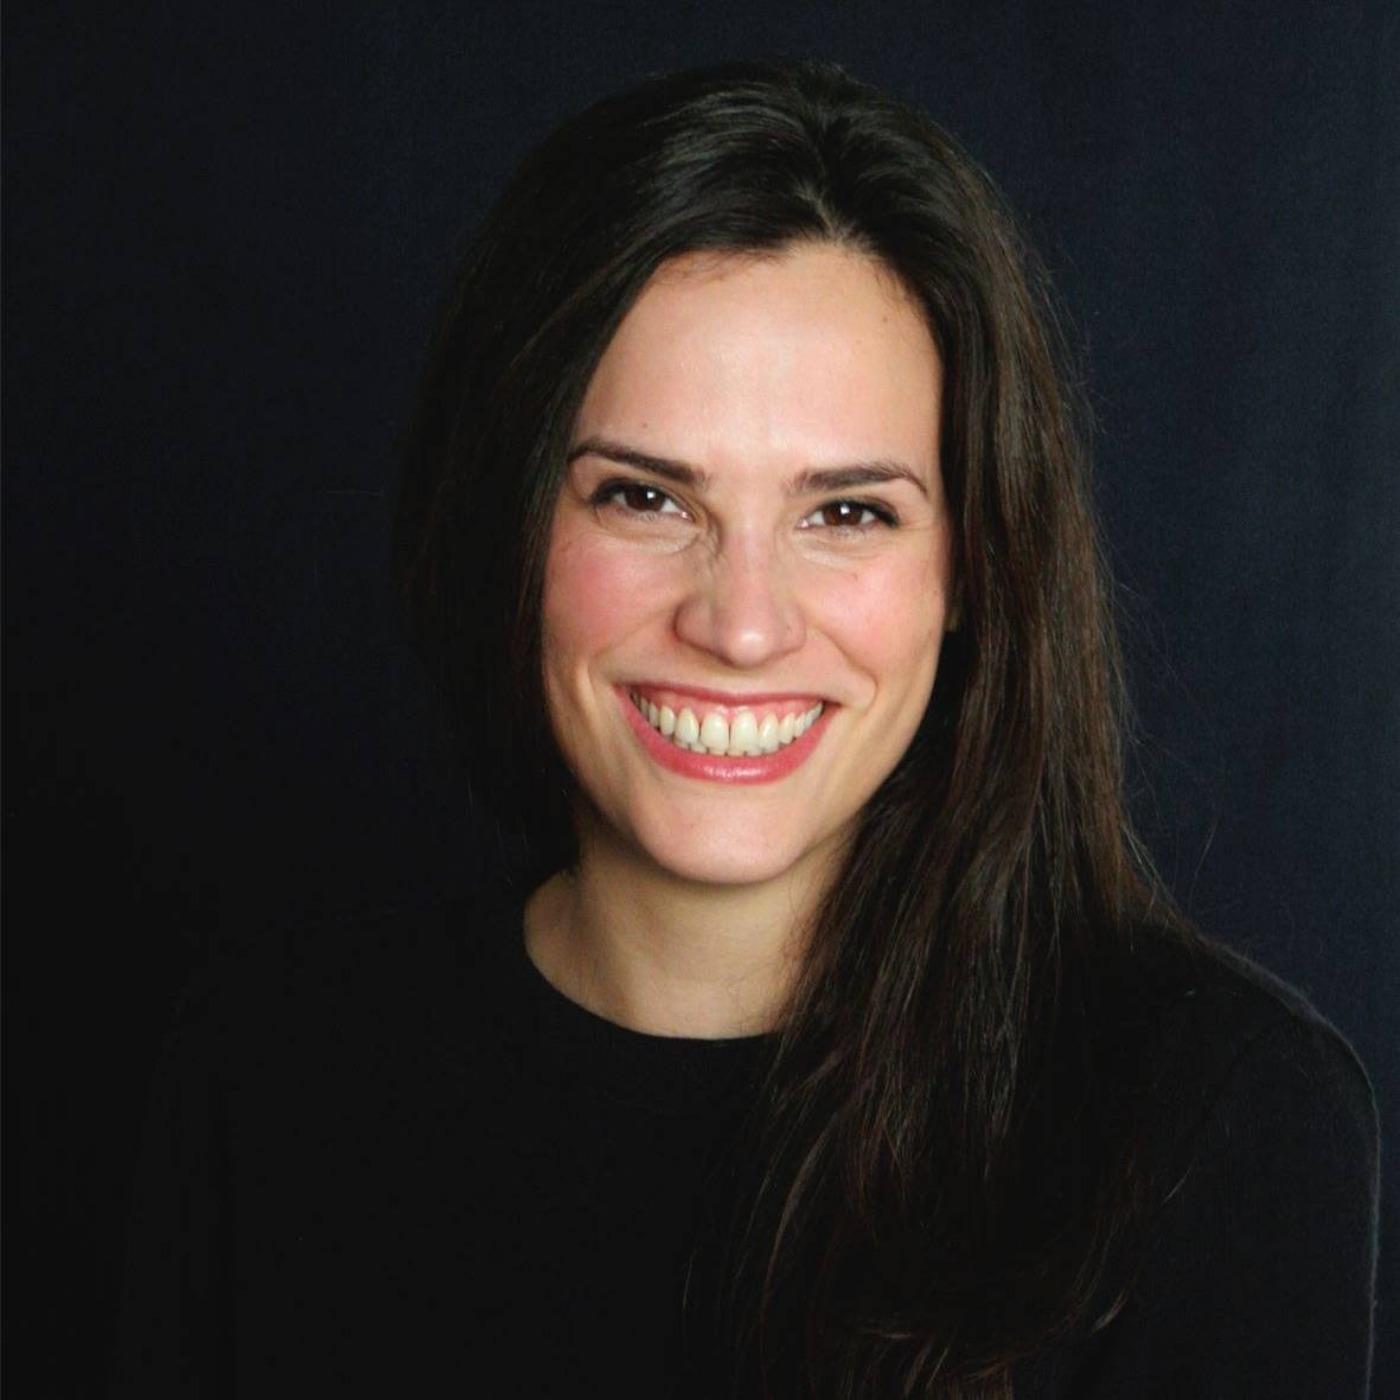 Épisode #33 - Marion Thelliez : Se reconnecter à son féminin sacré ; découvrir les cycles de la femme et les rituels